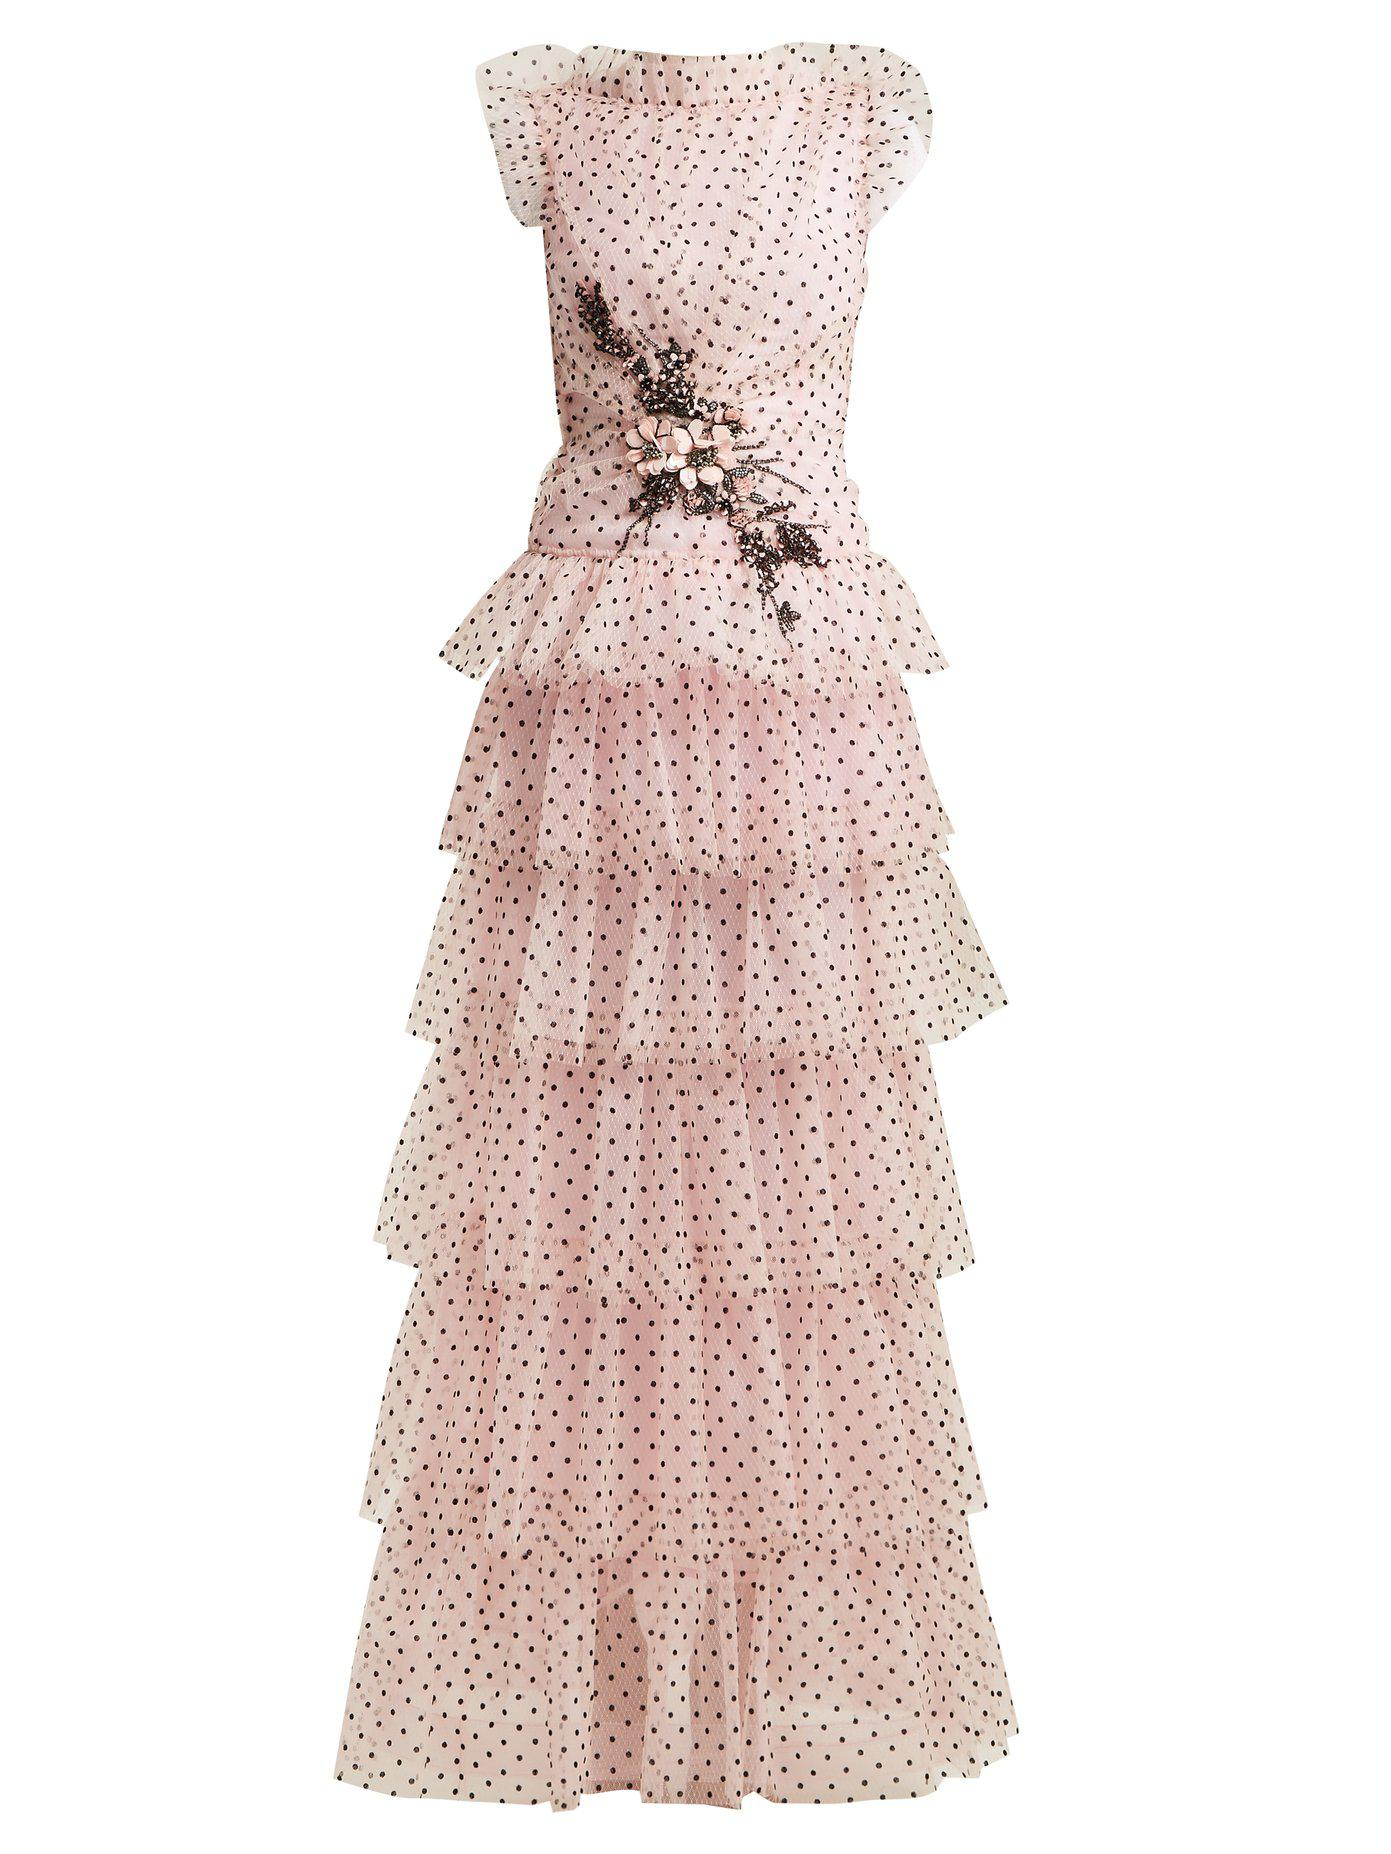 Soirée Pink Coloris Robe En À Moucheté Tulle Volants Rodarte De F1JclK